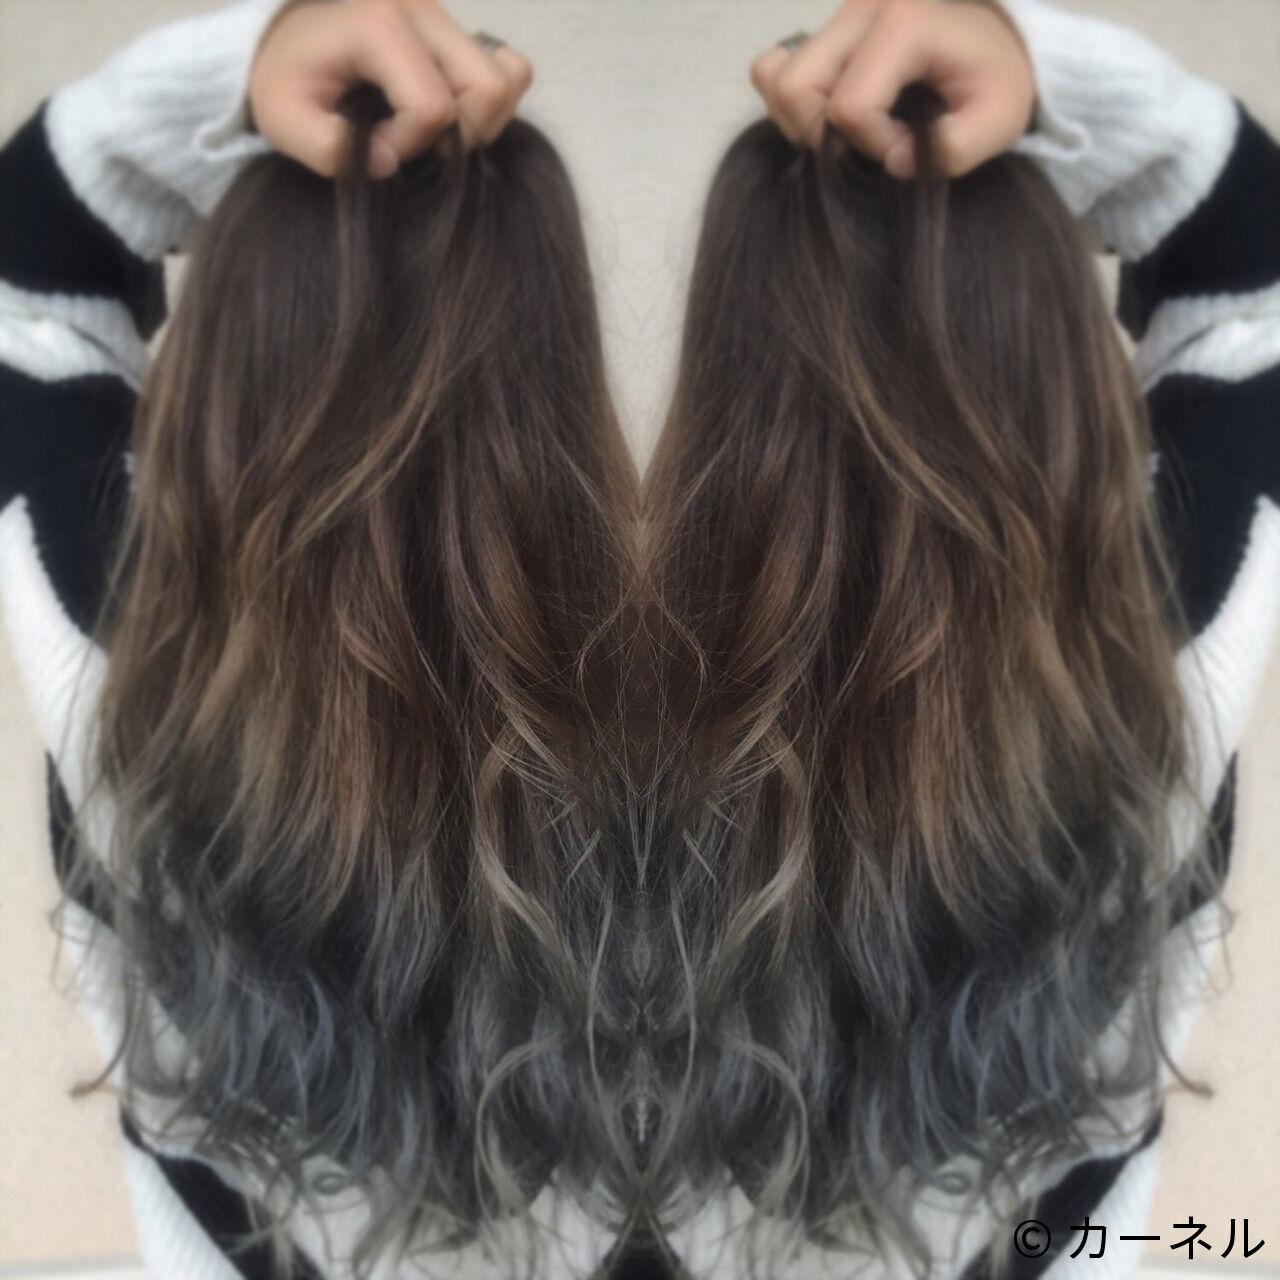 ストリート グレージュ ロング 暗髪ヘアスタイルや髪型の写真・画像